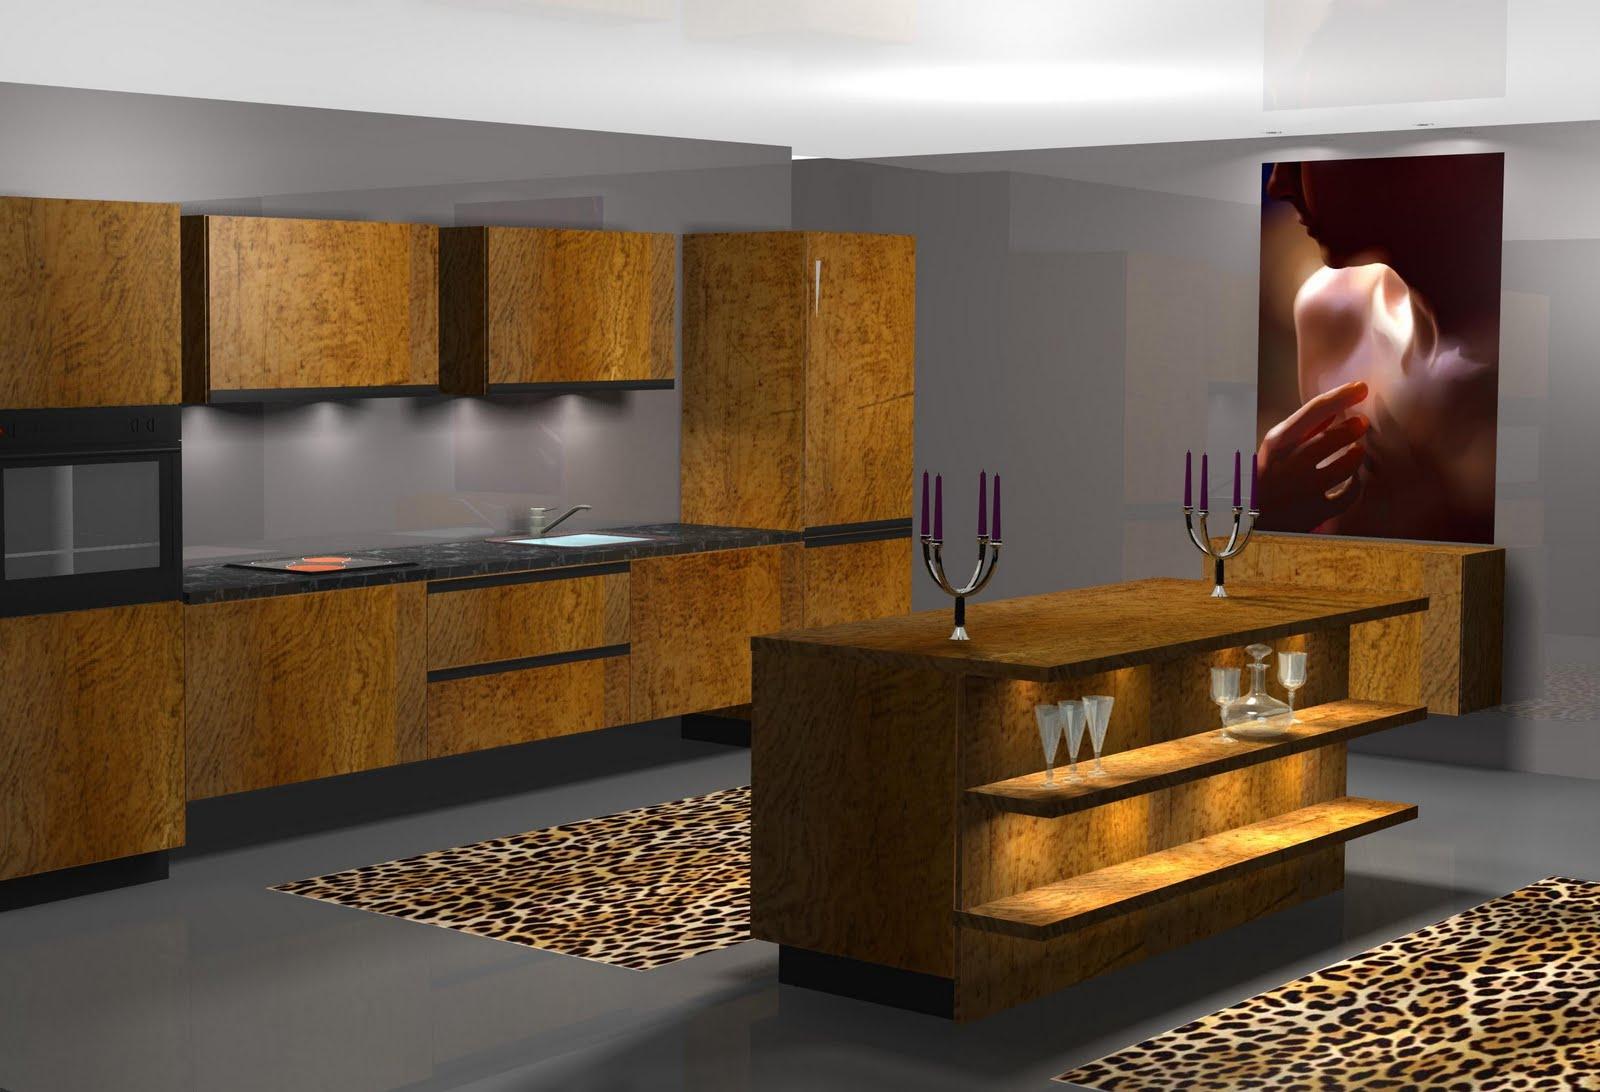 Dise o de interiores dise o de muebles de cocina for Diseno de muebles para cocina